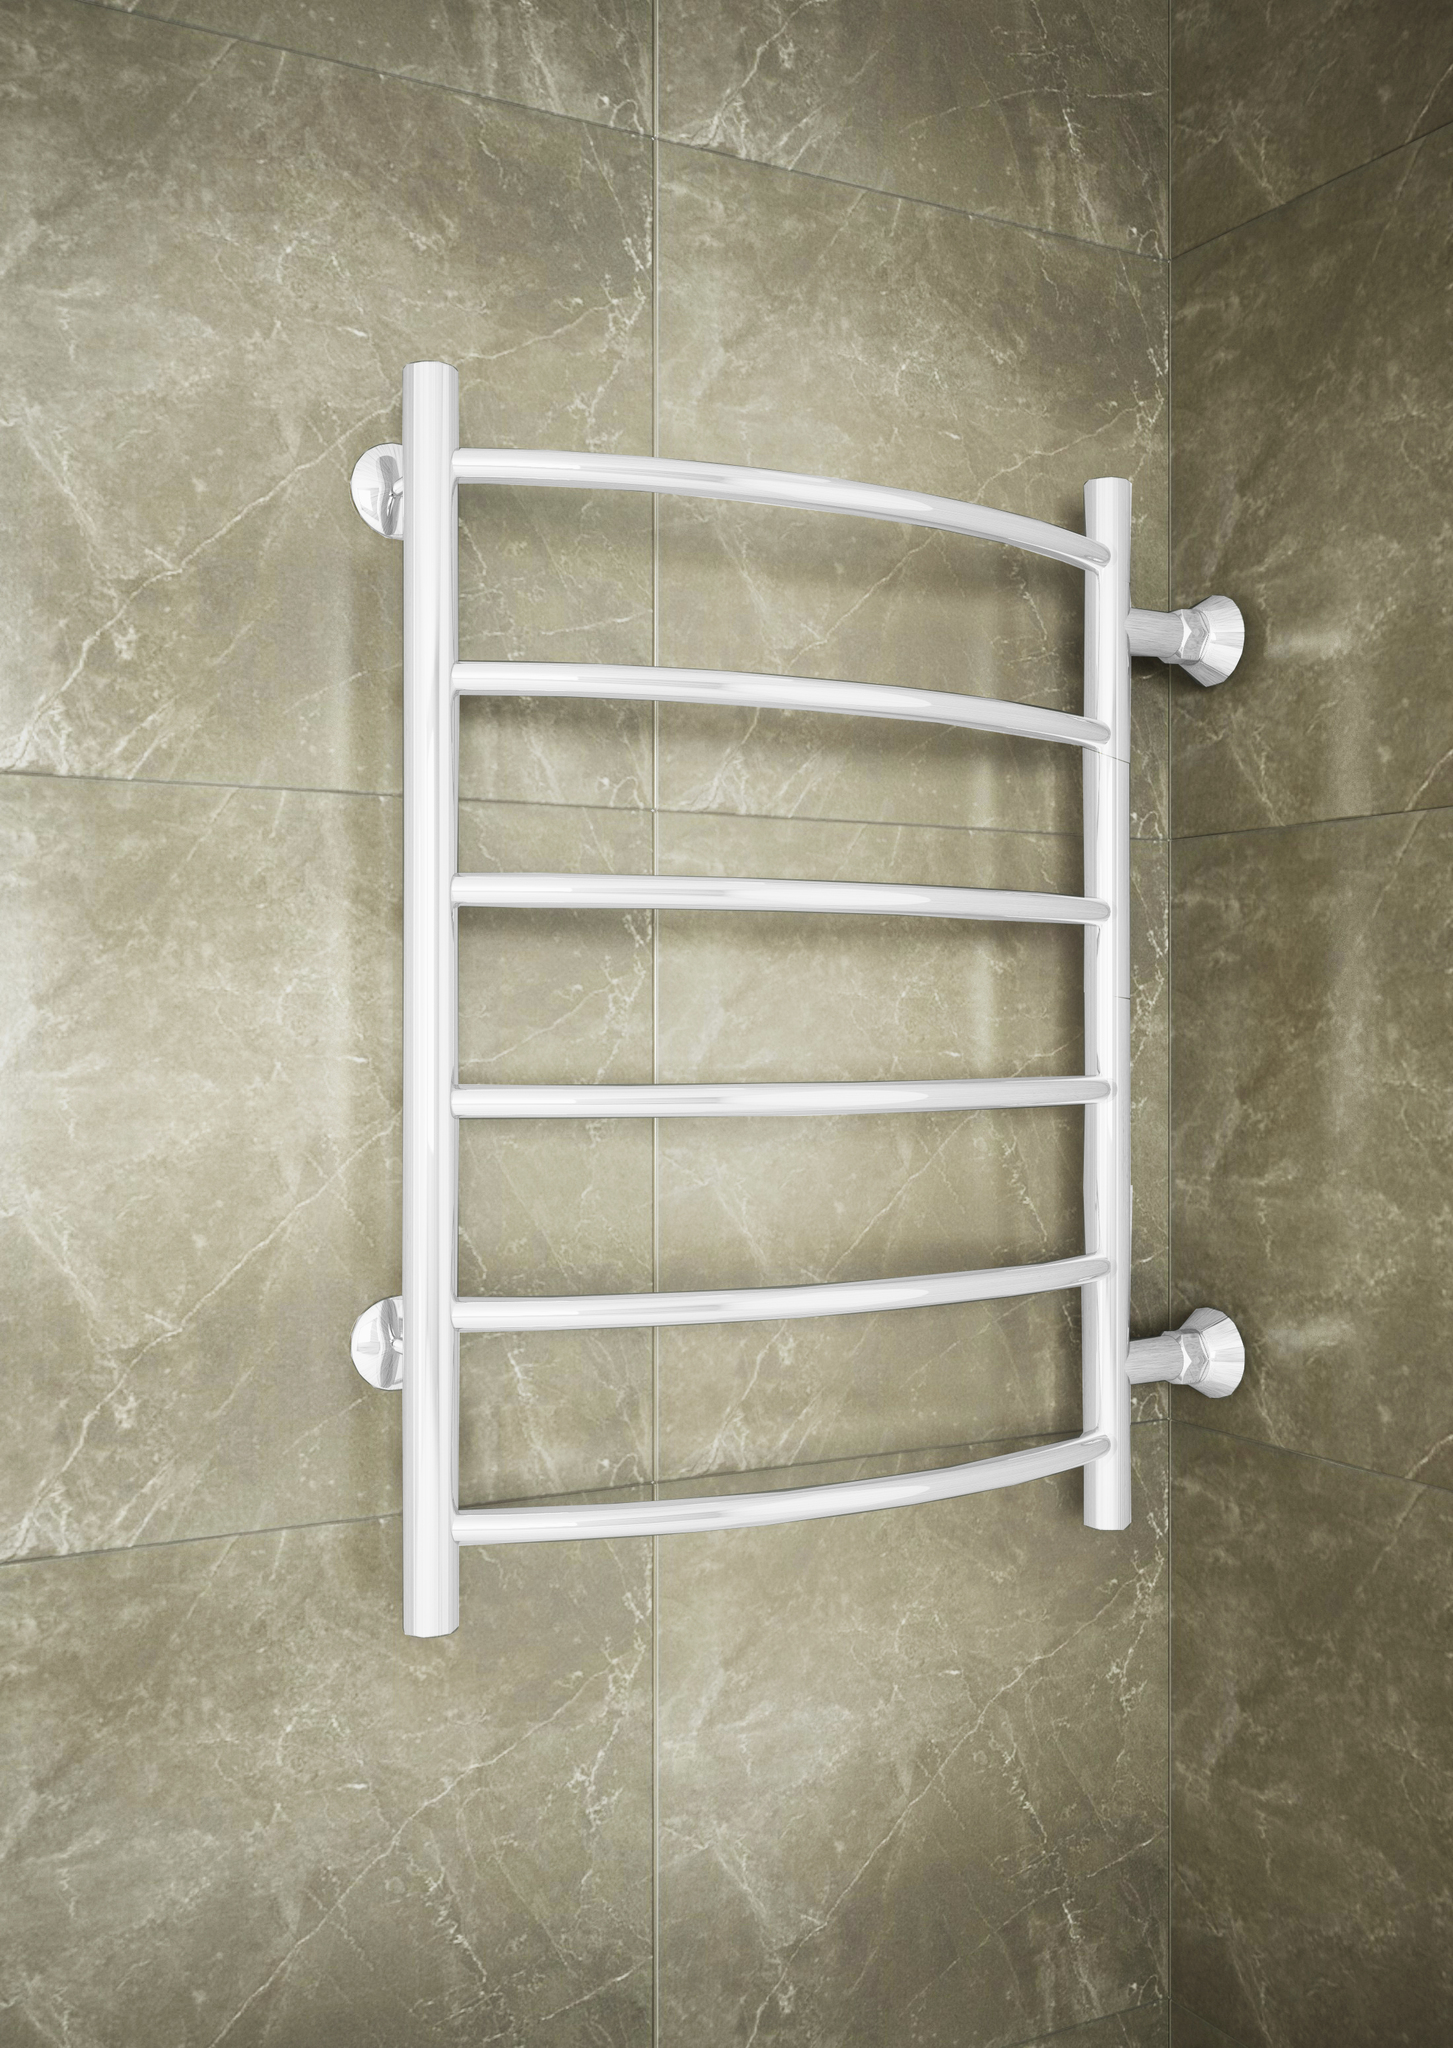 Classic - водяной полотенцесушитель с боковым подключением белого цвета.